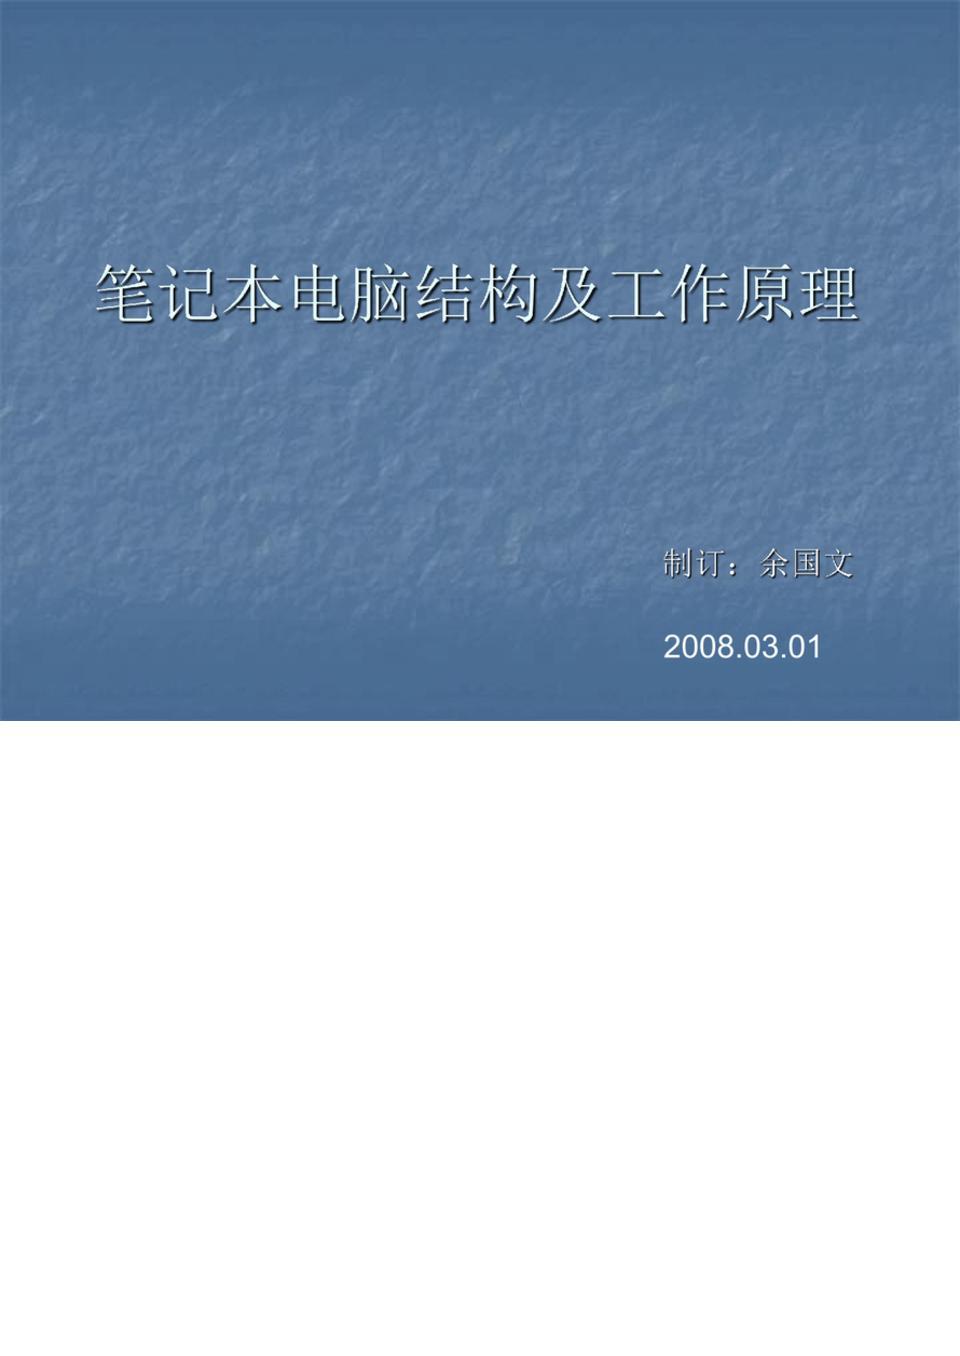 笔记本结构及工作原理.ppt